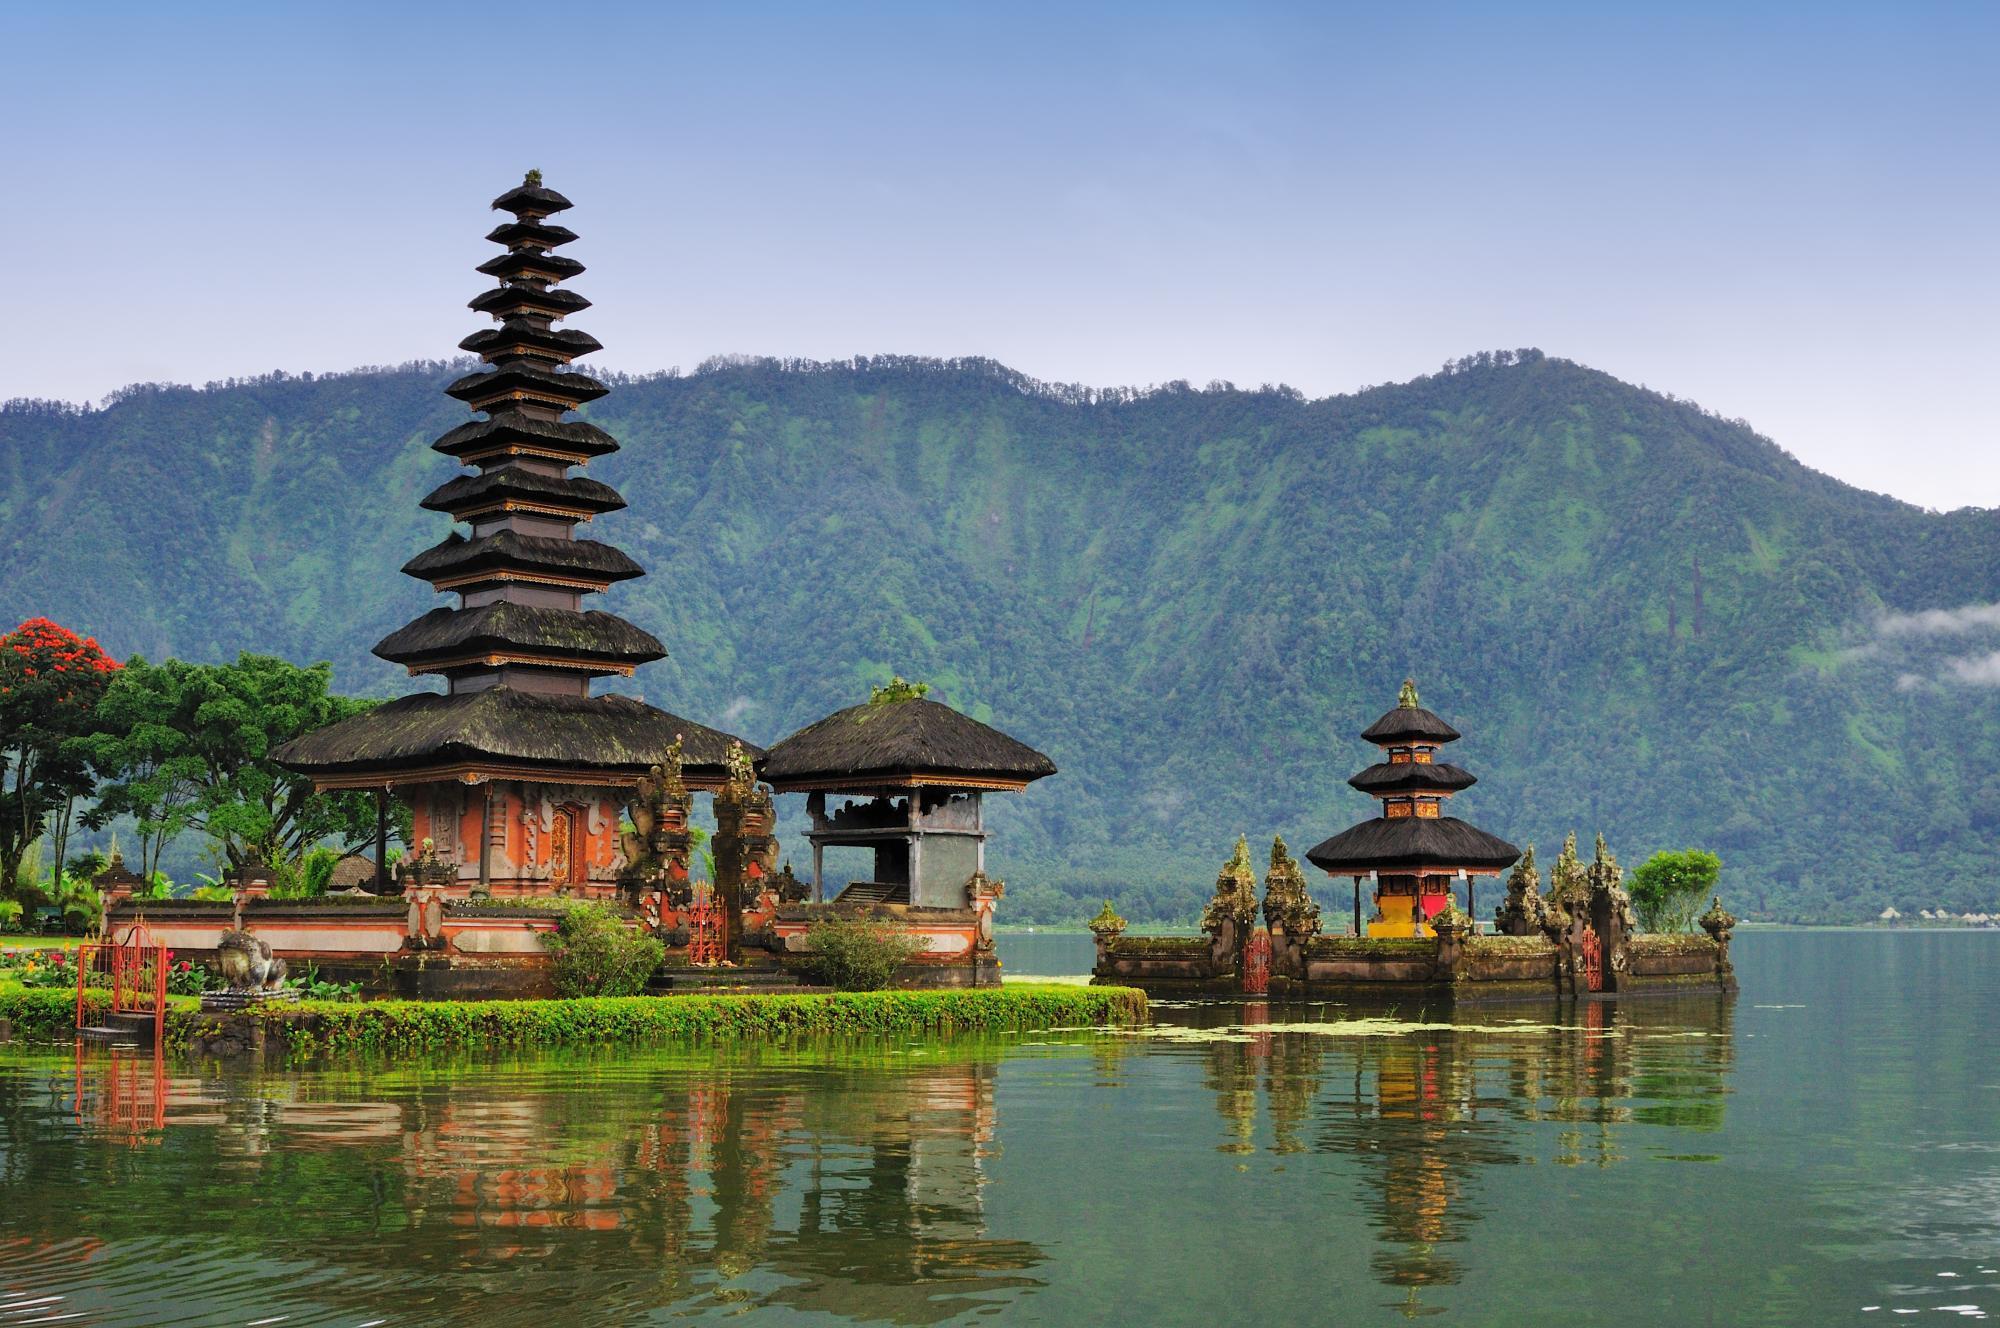 βιντεο νεα ζηλανδια Hd: Indonesia Adventure: Bali & Yogyakarta